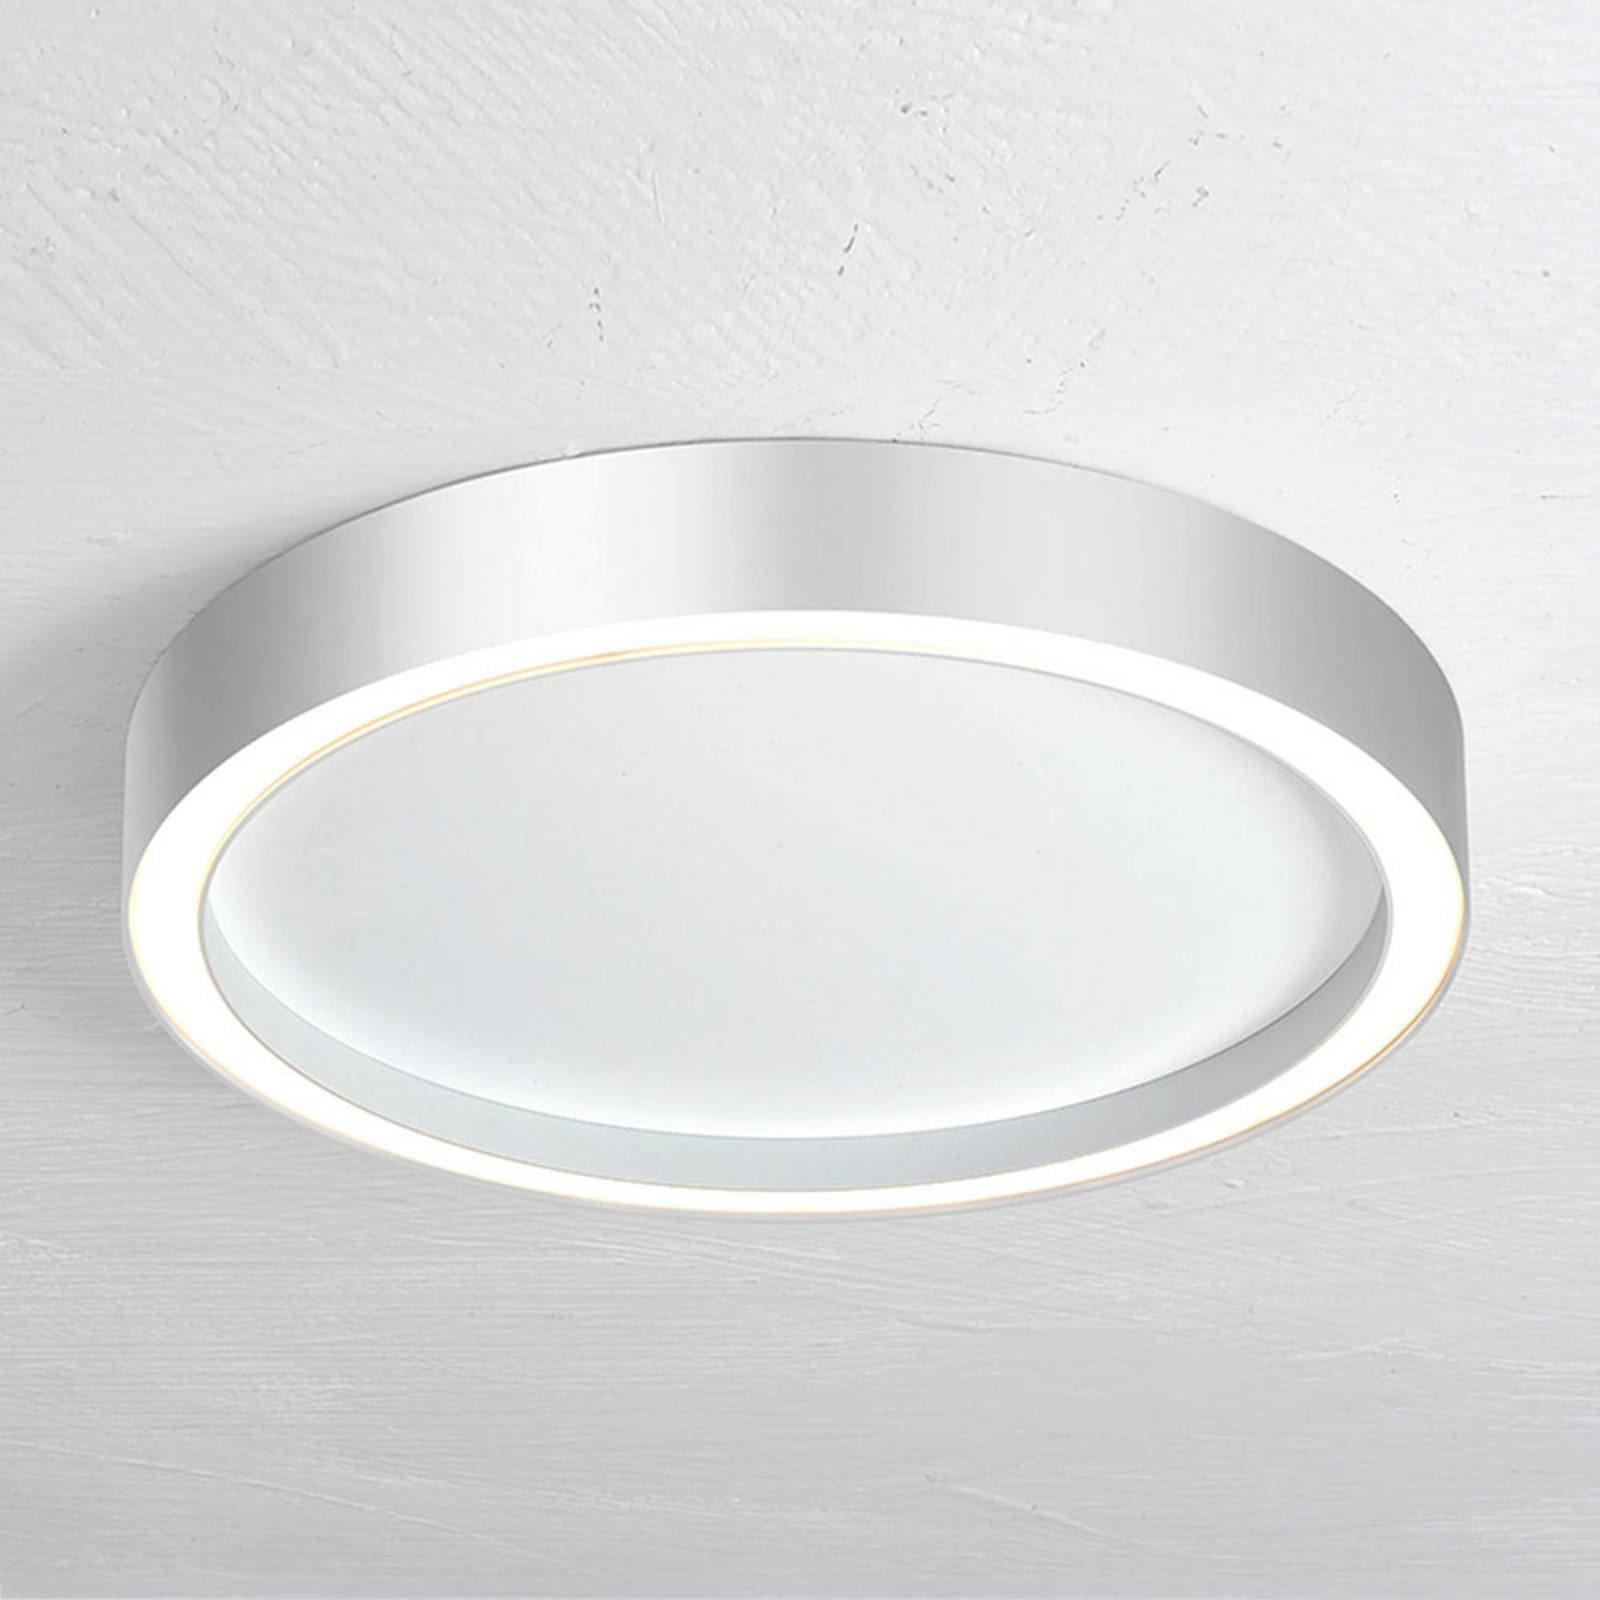 Bopp Aura LED-taklampe med Ø 30cm hvit/aluminium